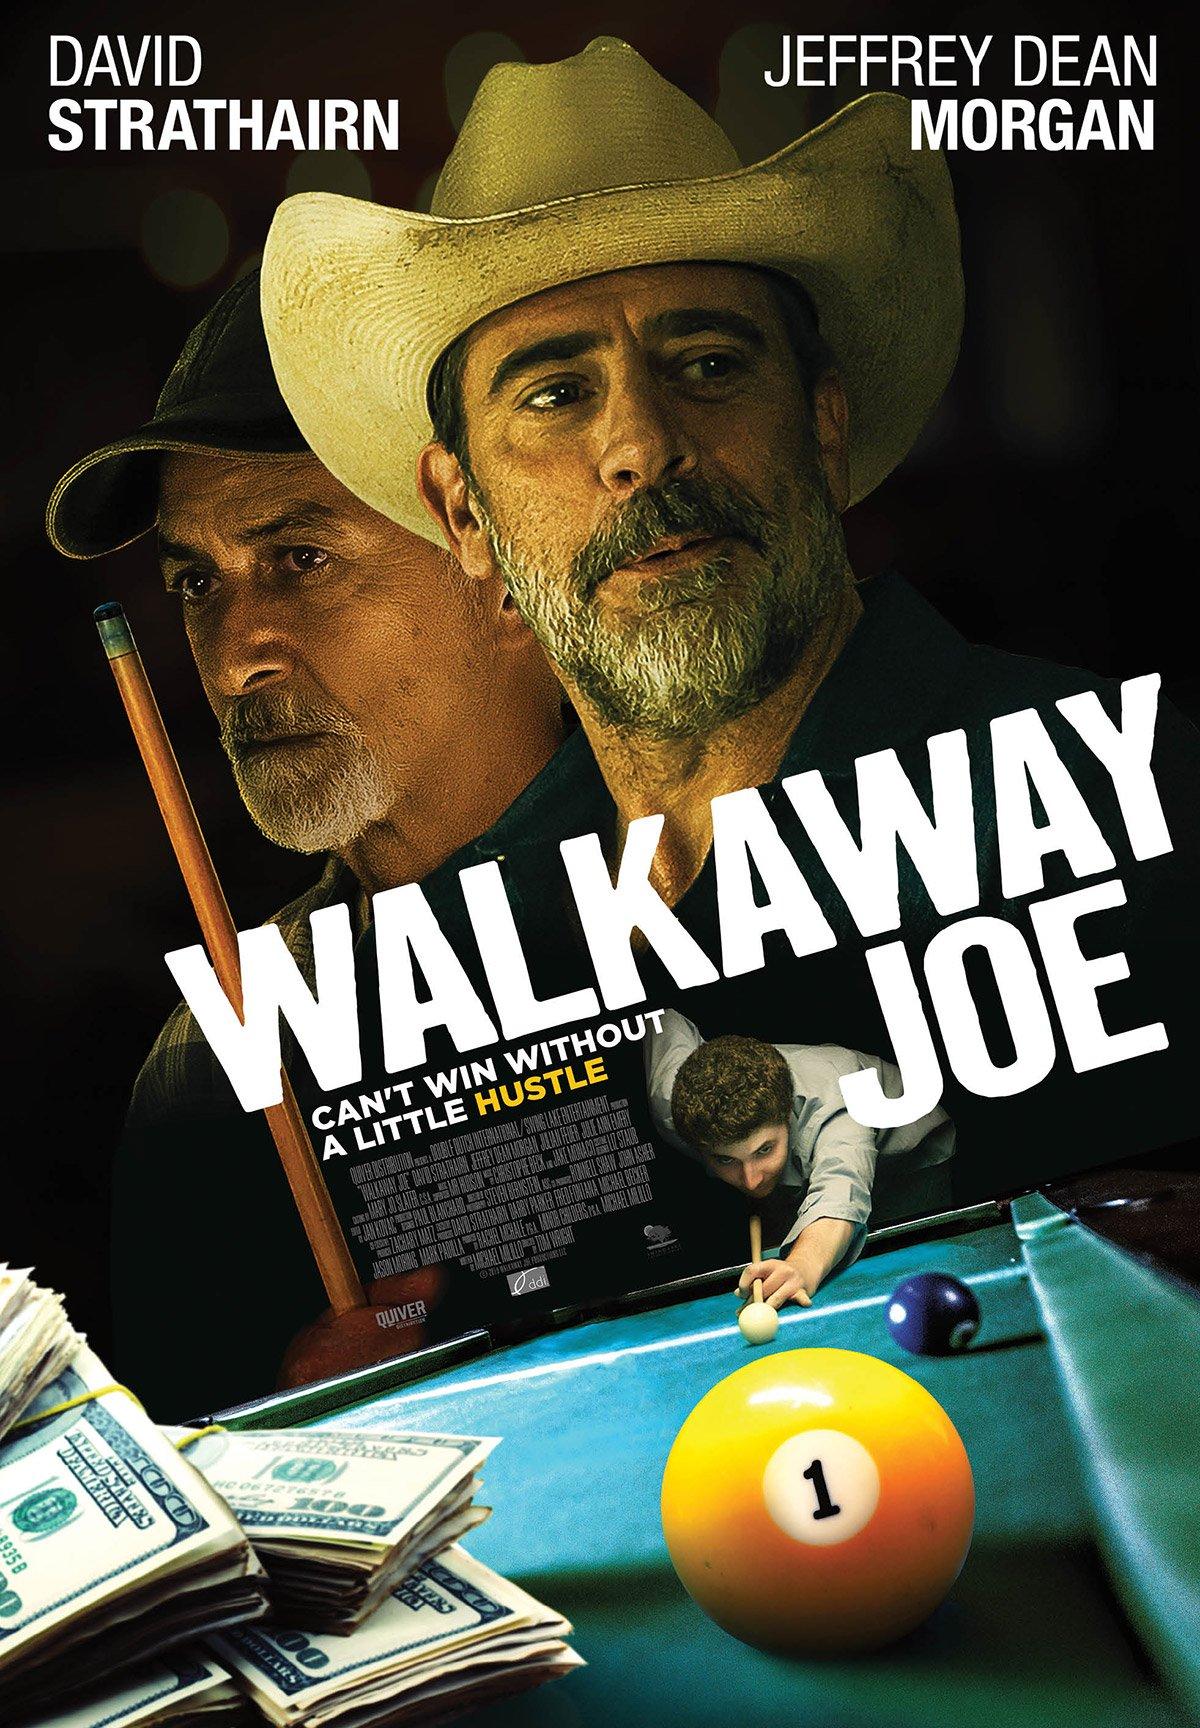 walkawayjoe